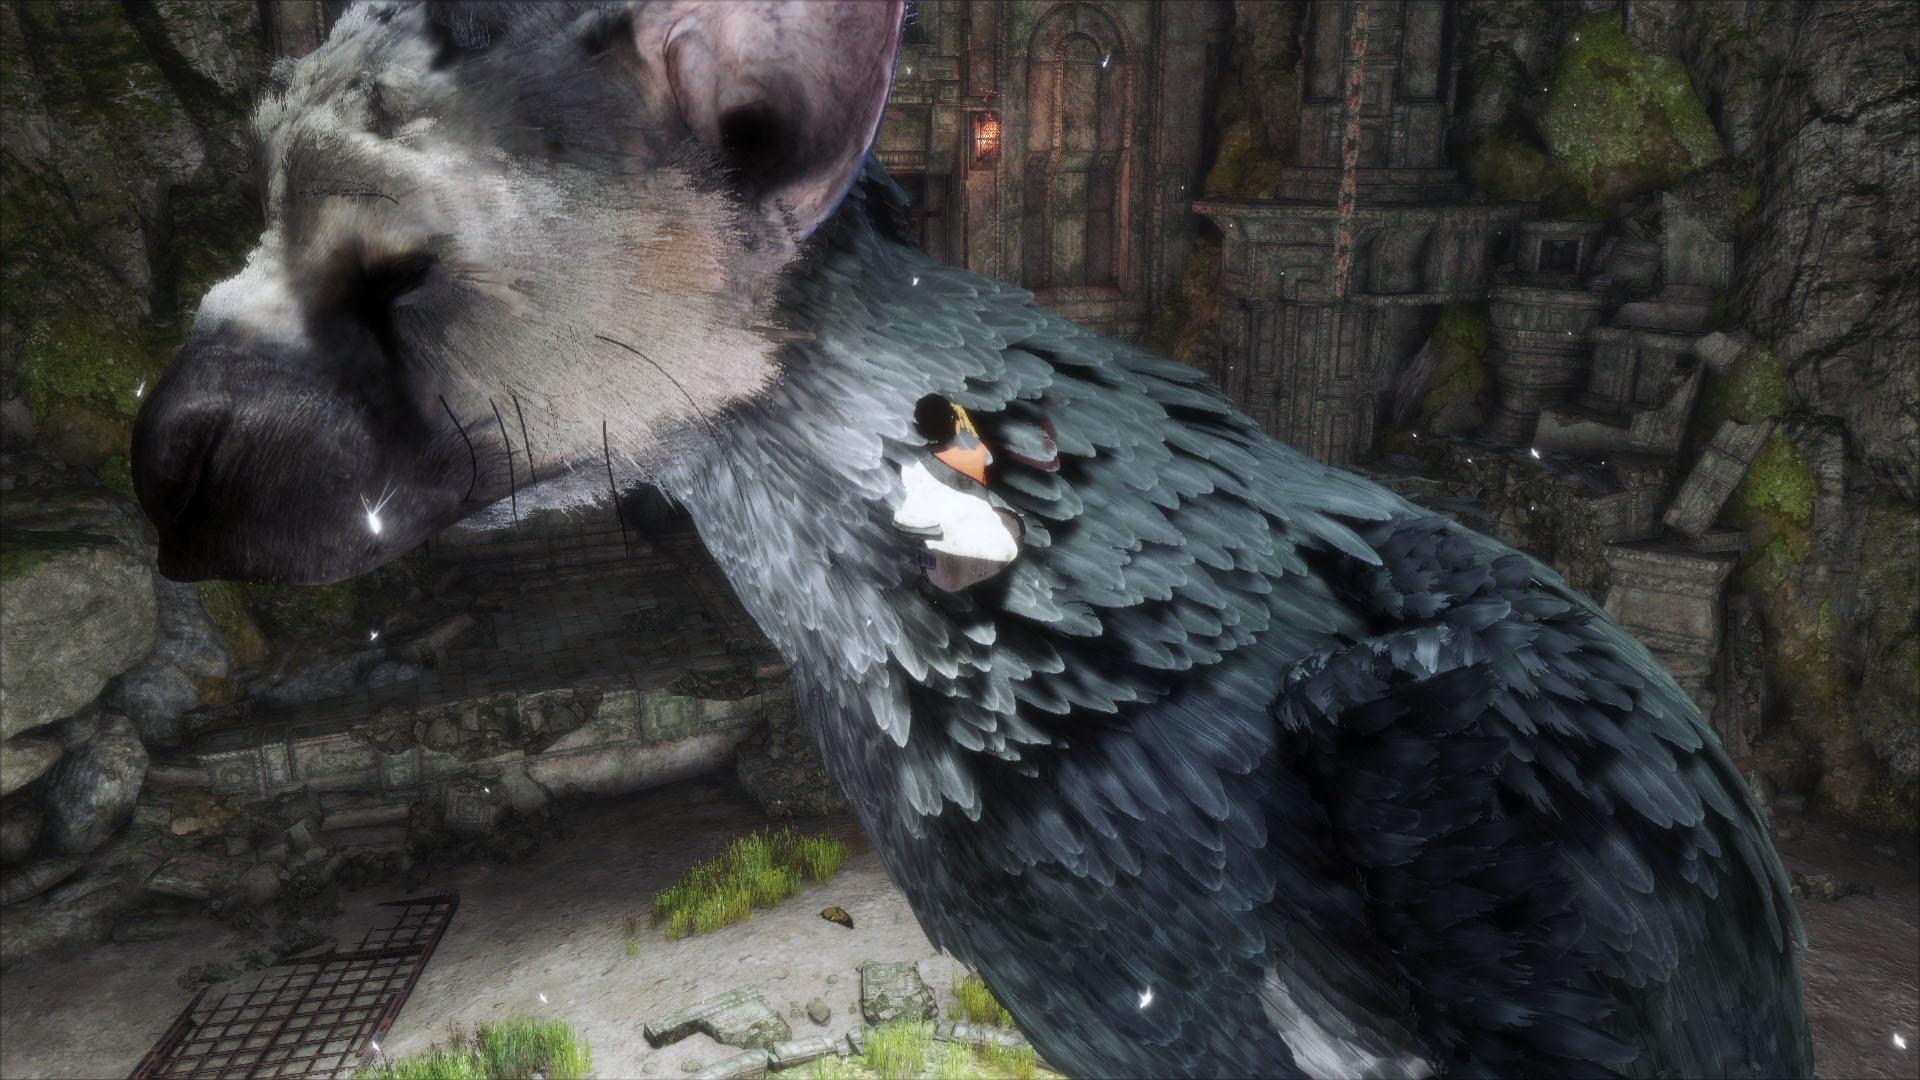 大鷲のトリコとのもどかしいぐらいの協力関係もまたゲームデザインと言える「人喰いの大鷲トリコ」。美しいゲームですホントに